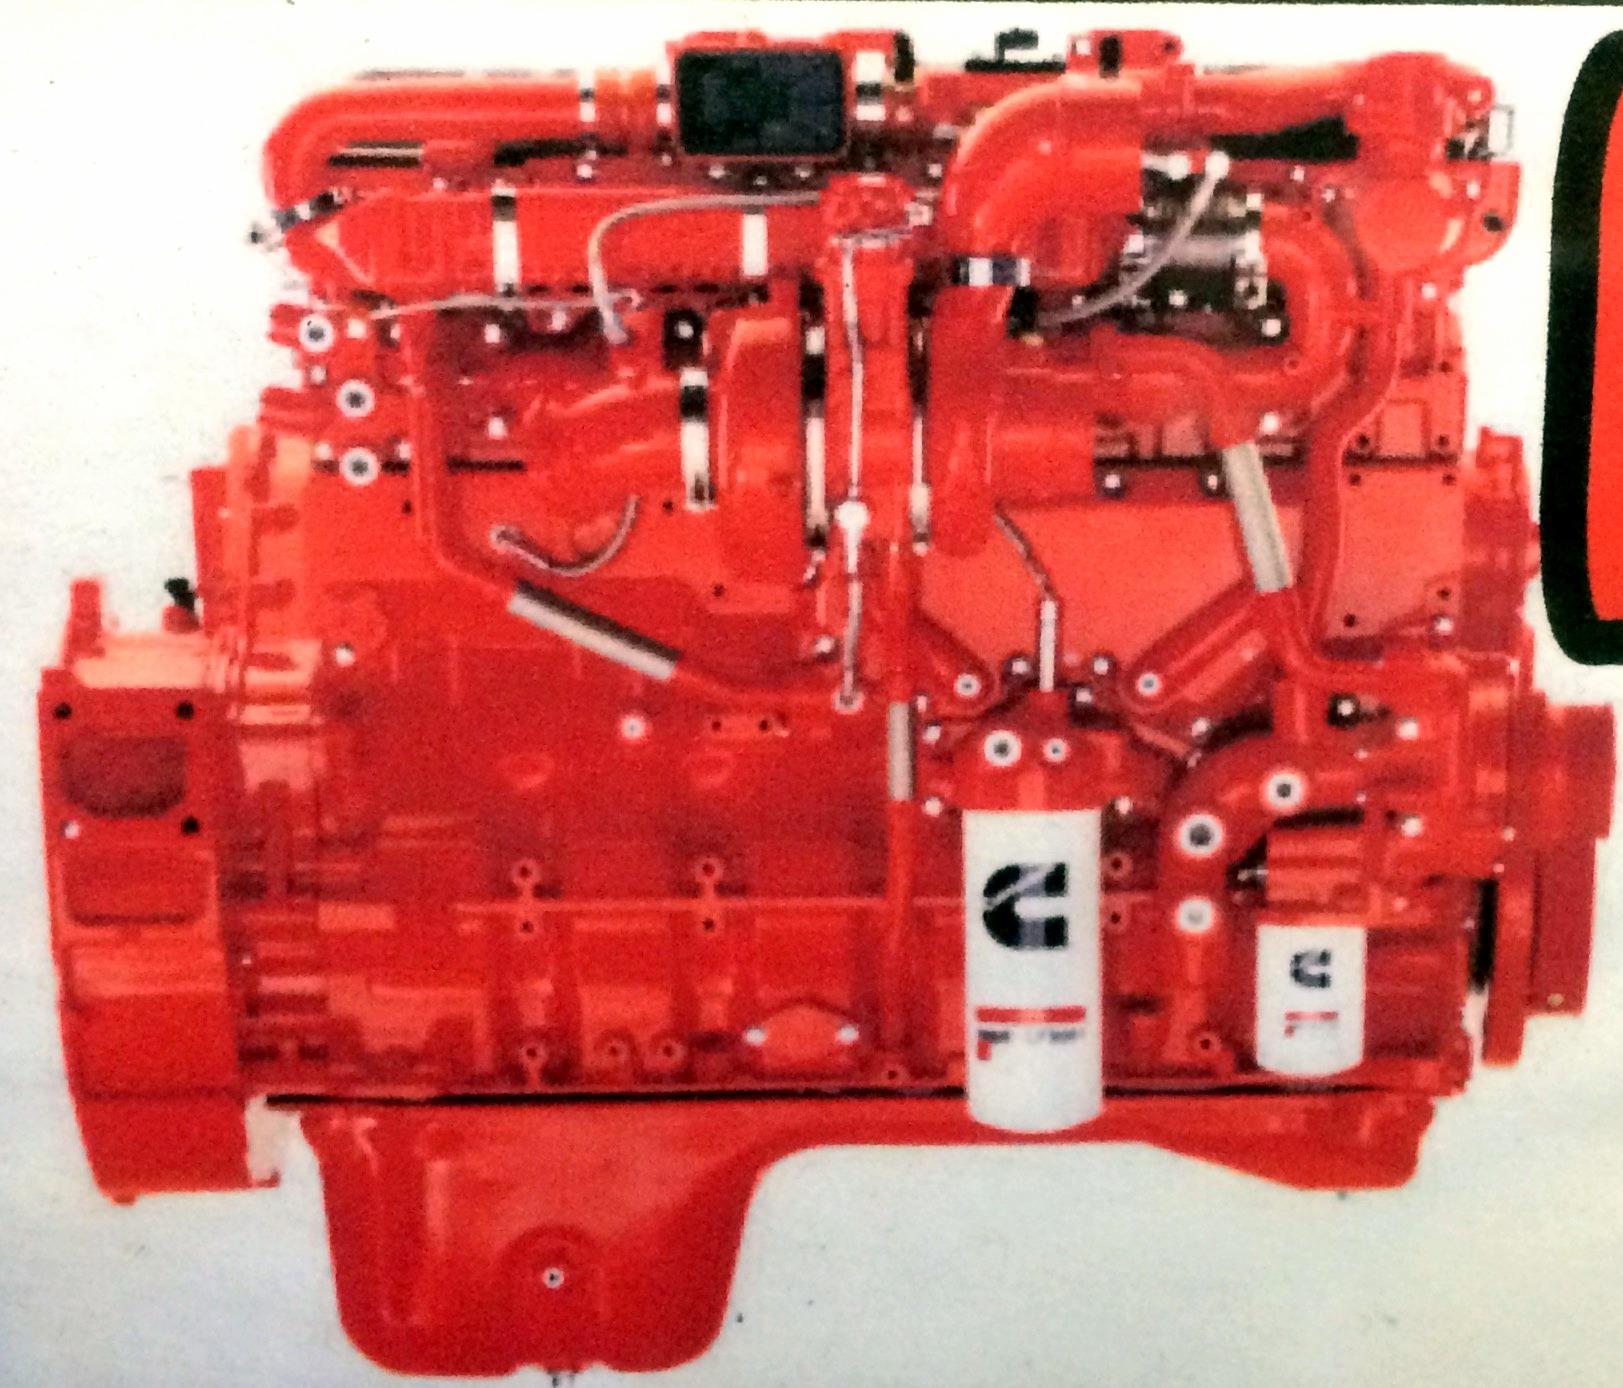 M11 Engine Diagram M62 Engine Diagram Wiring Diagram ~ ODICIS